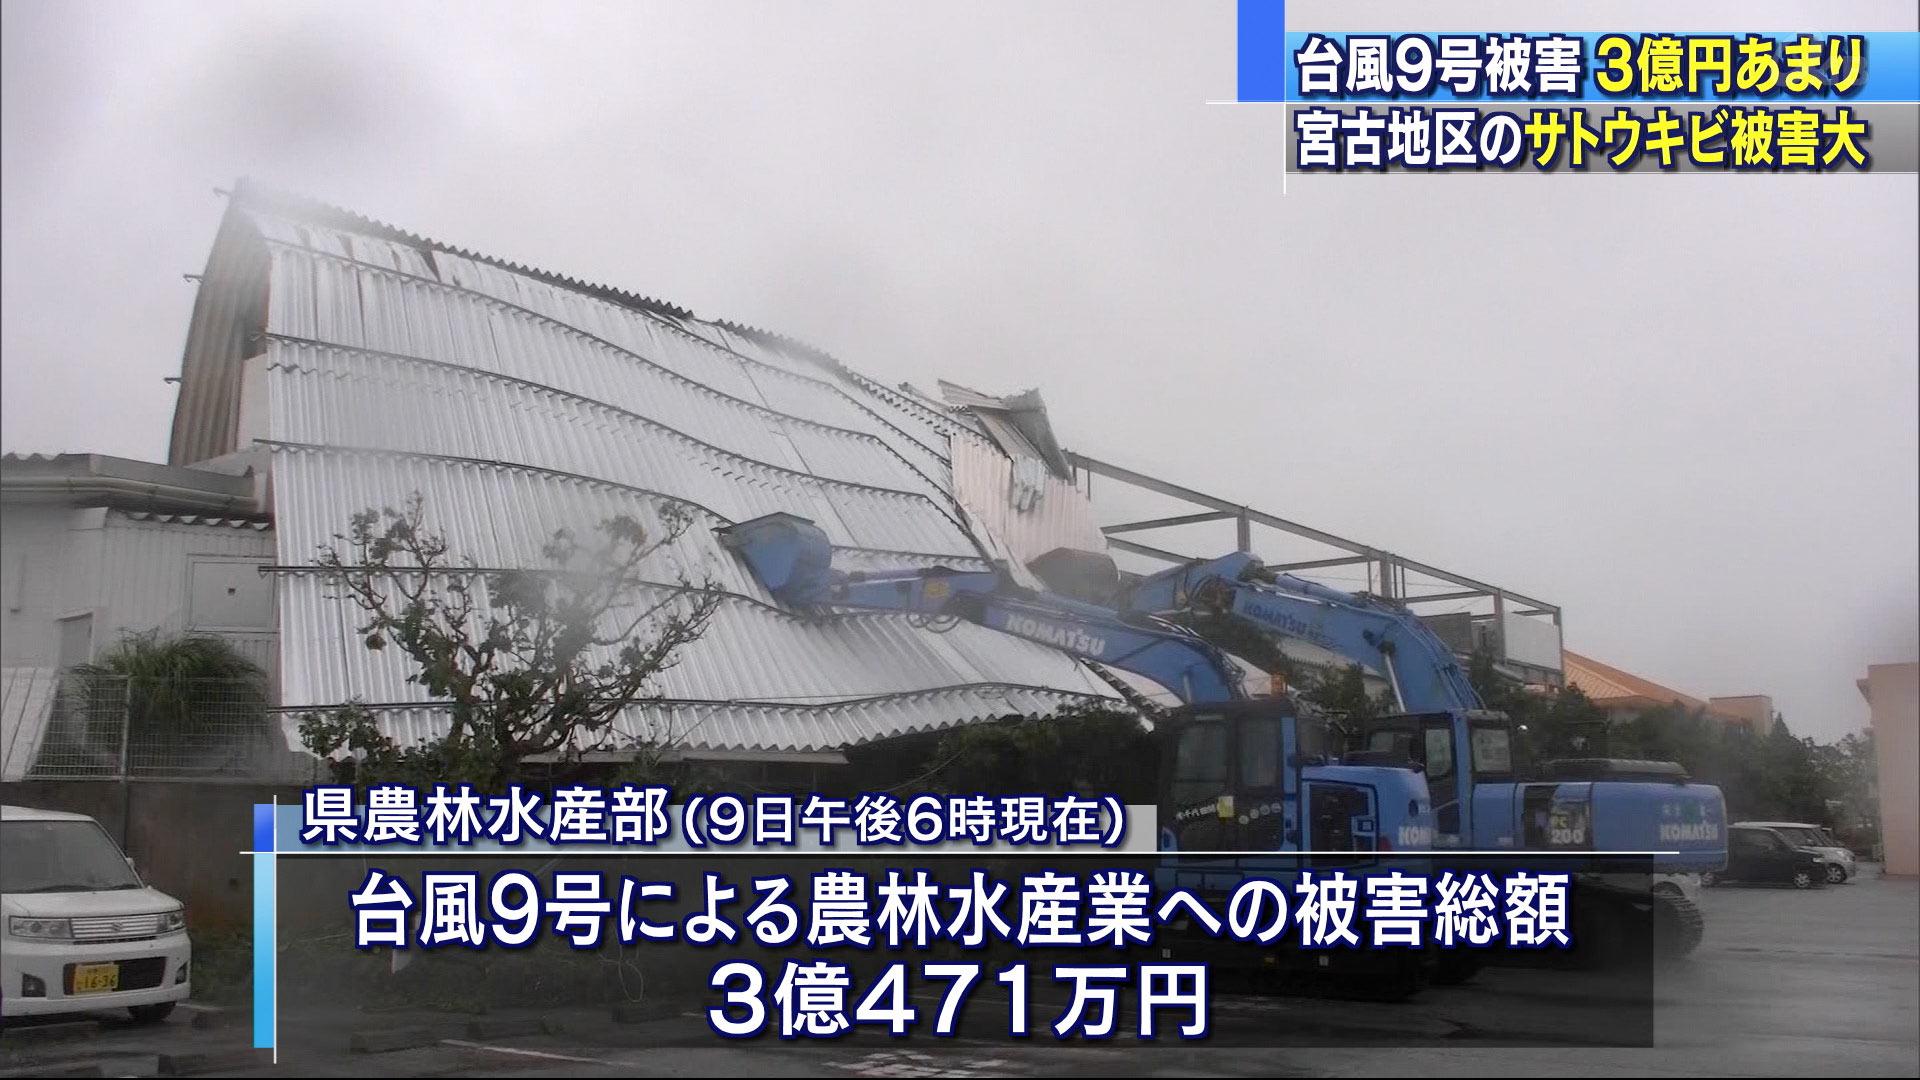 台風9号による農作物への被害額約3億円